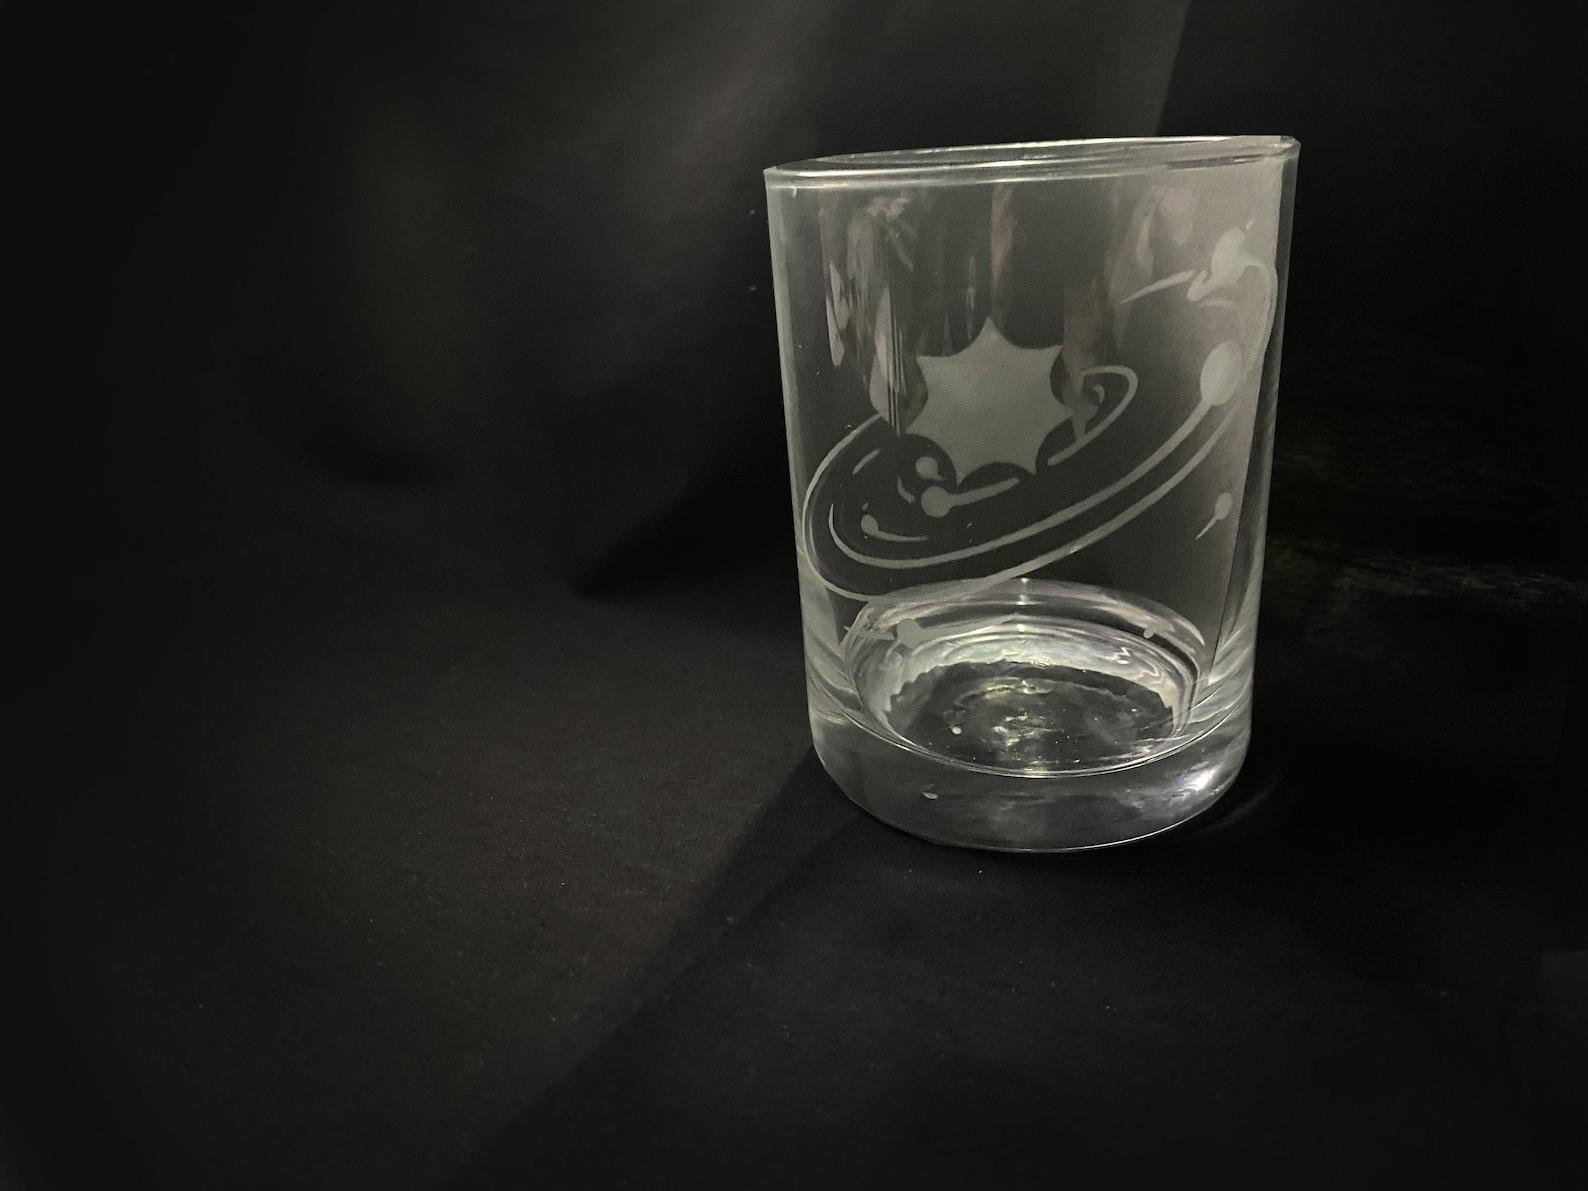 Galaxy Glassware